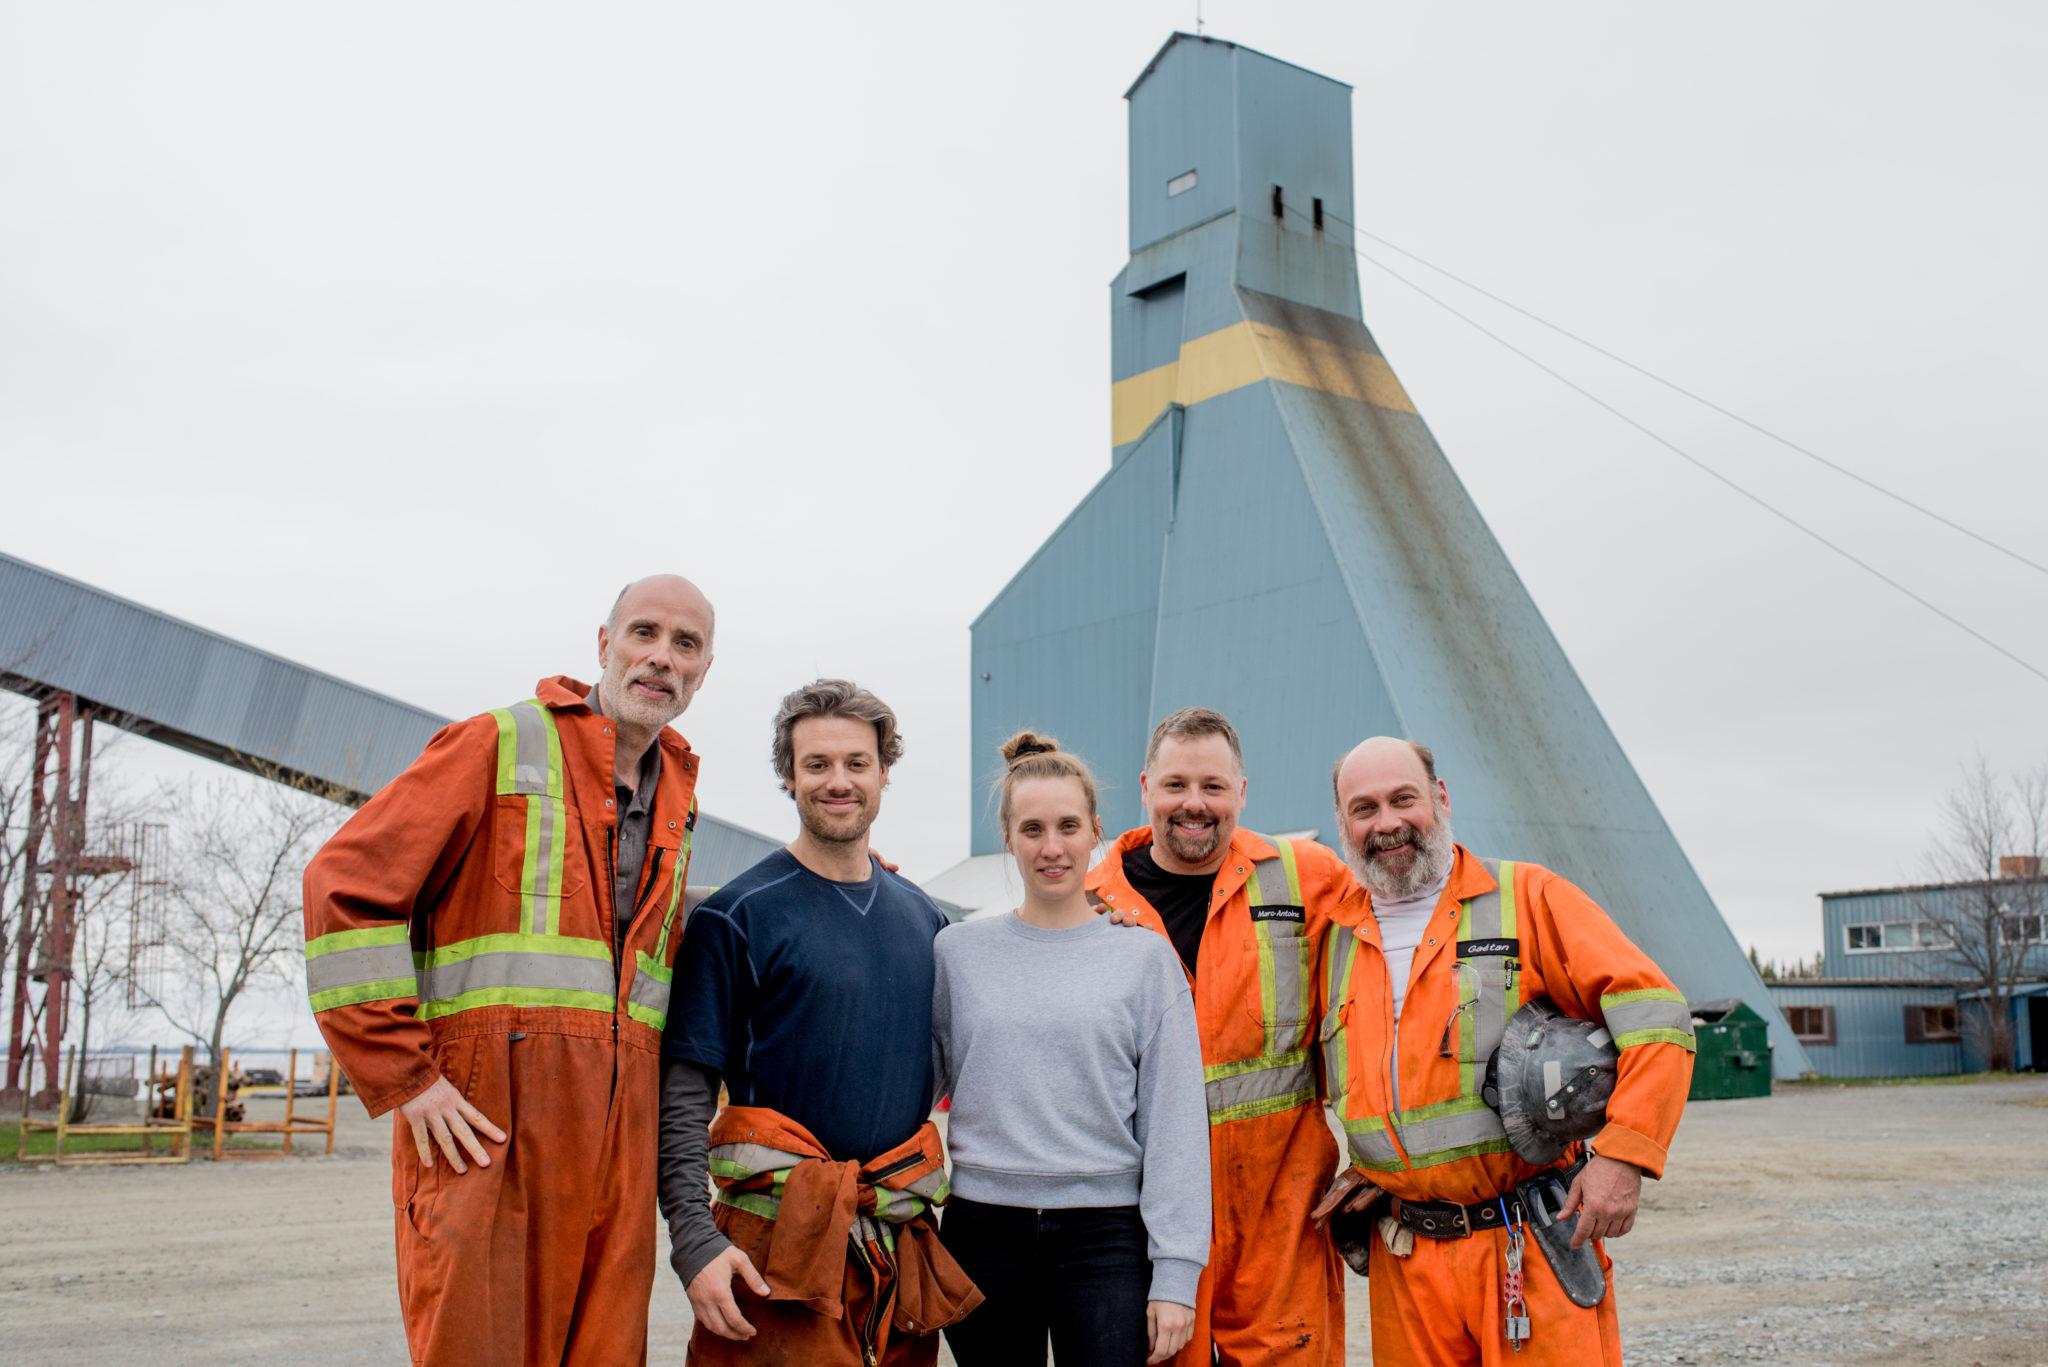 Sophie Dupuis tourne SOUTERRAIN avec Théodore Pellerin, James Hyndman et Joakim Robillard